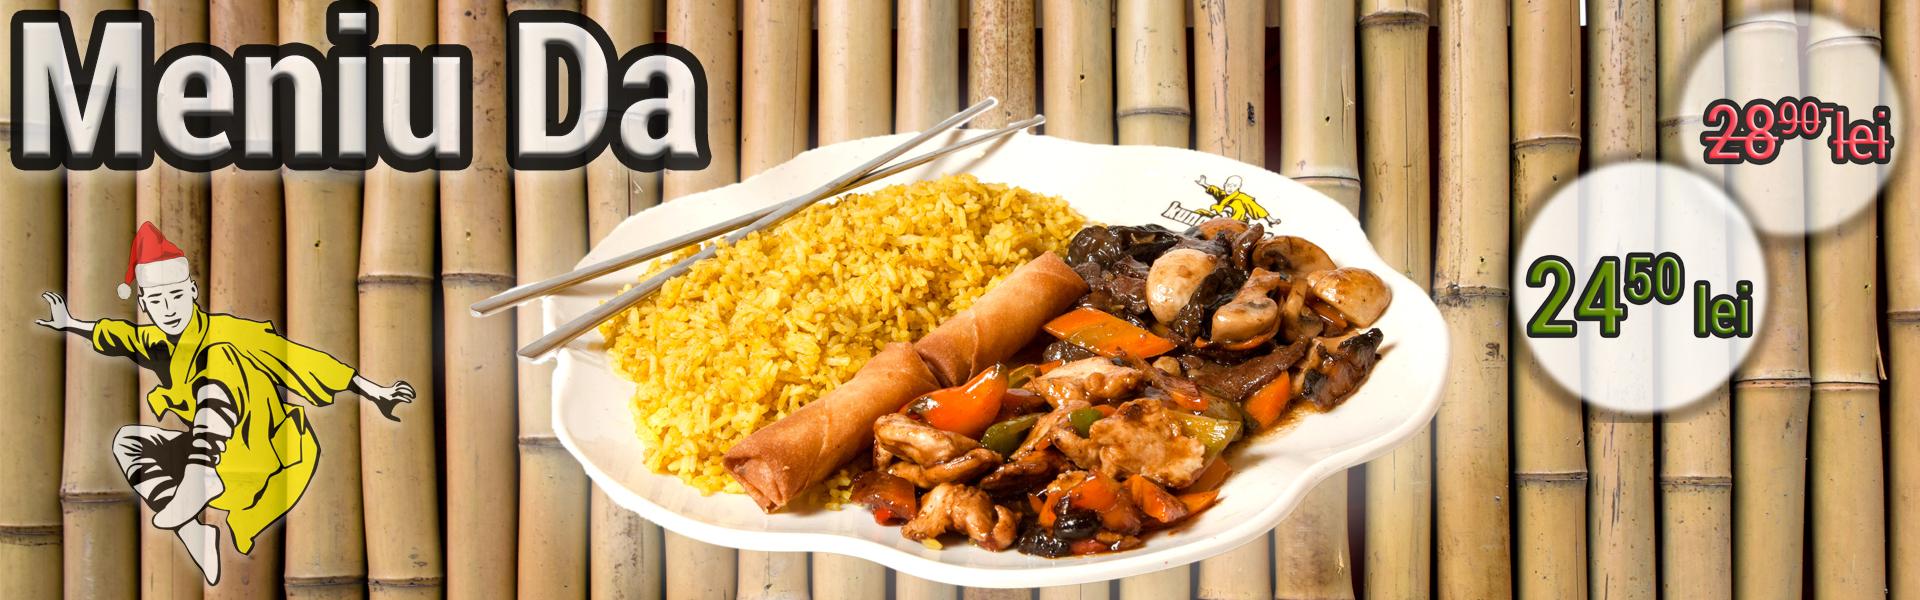 În fiecare zi de joi - Meniu Da - Meniuri speciale - restaurant chinezesc KungFu King - de la 28.90 lei la doar 24.50 lei. Alege traditia, savoarea si calitatea restaurantului chinezesc KungFu King din Bucuresti! Comanda mancare chinezeasca online pentru a putea beneficia de ofertele speciale si vei primi serviciul de livrare mancare chinezeasca in mod gratuit!